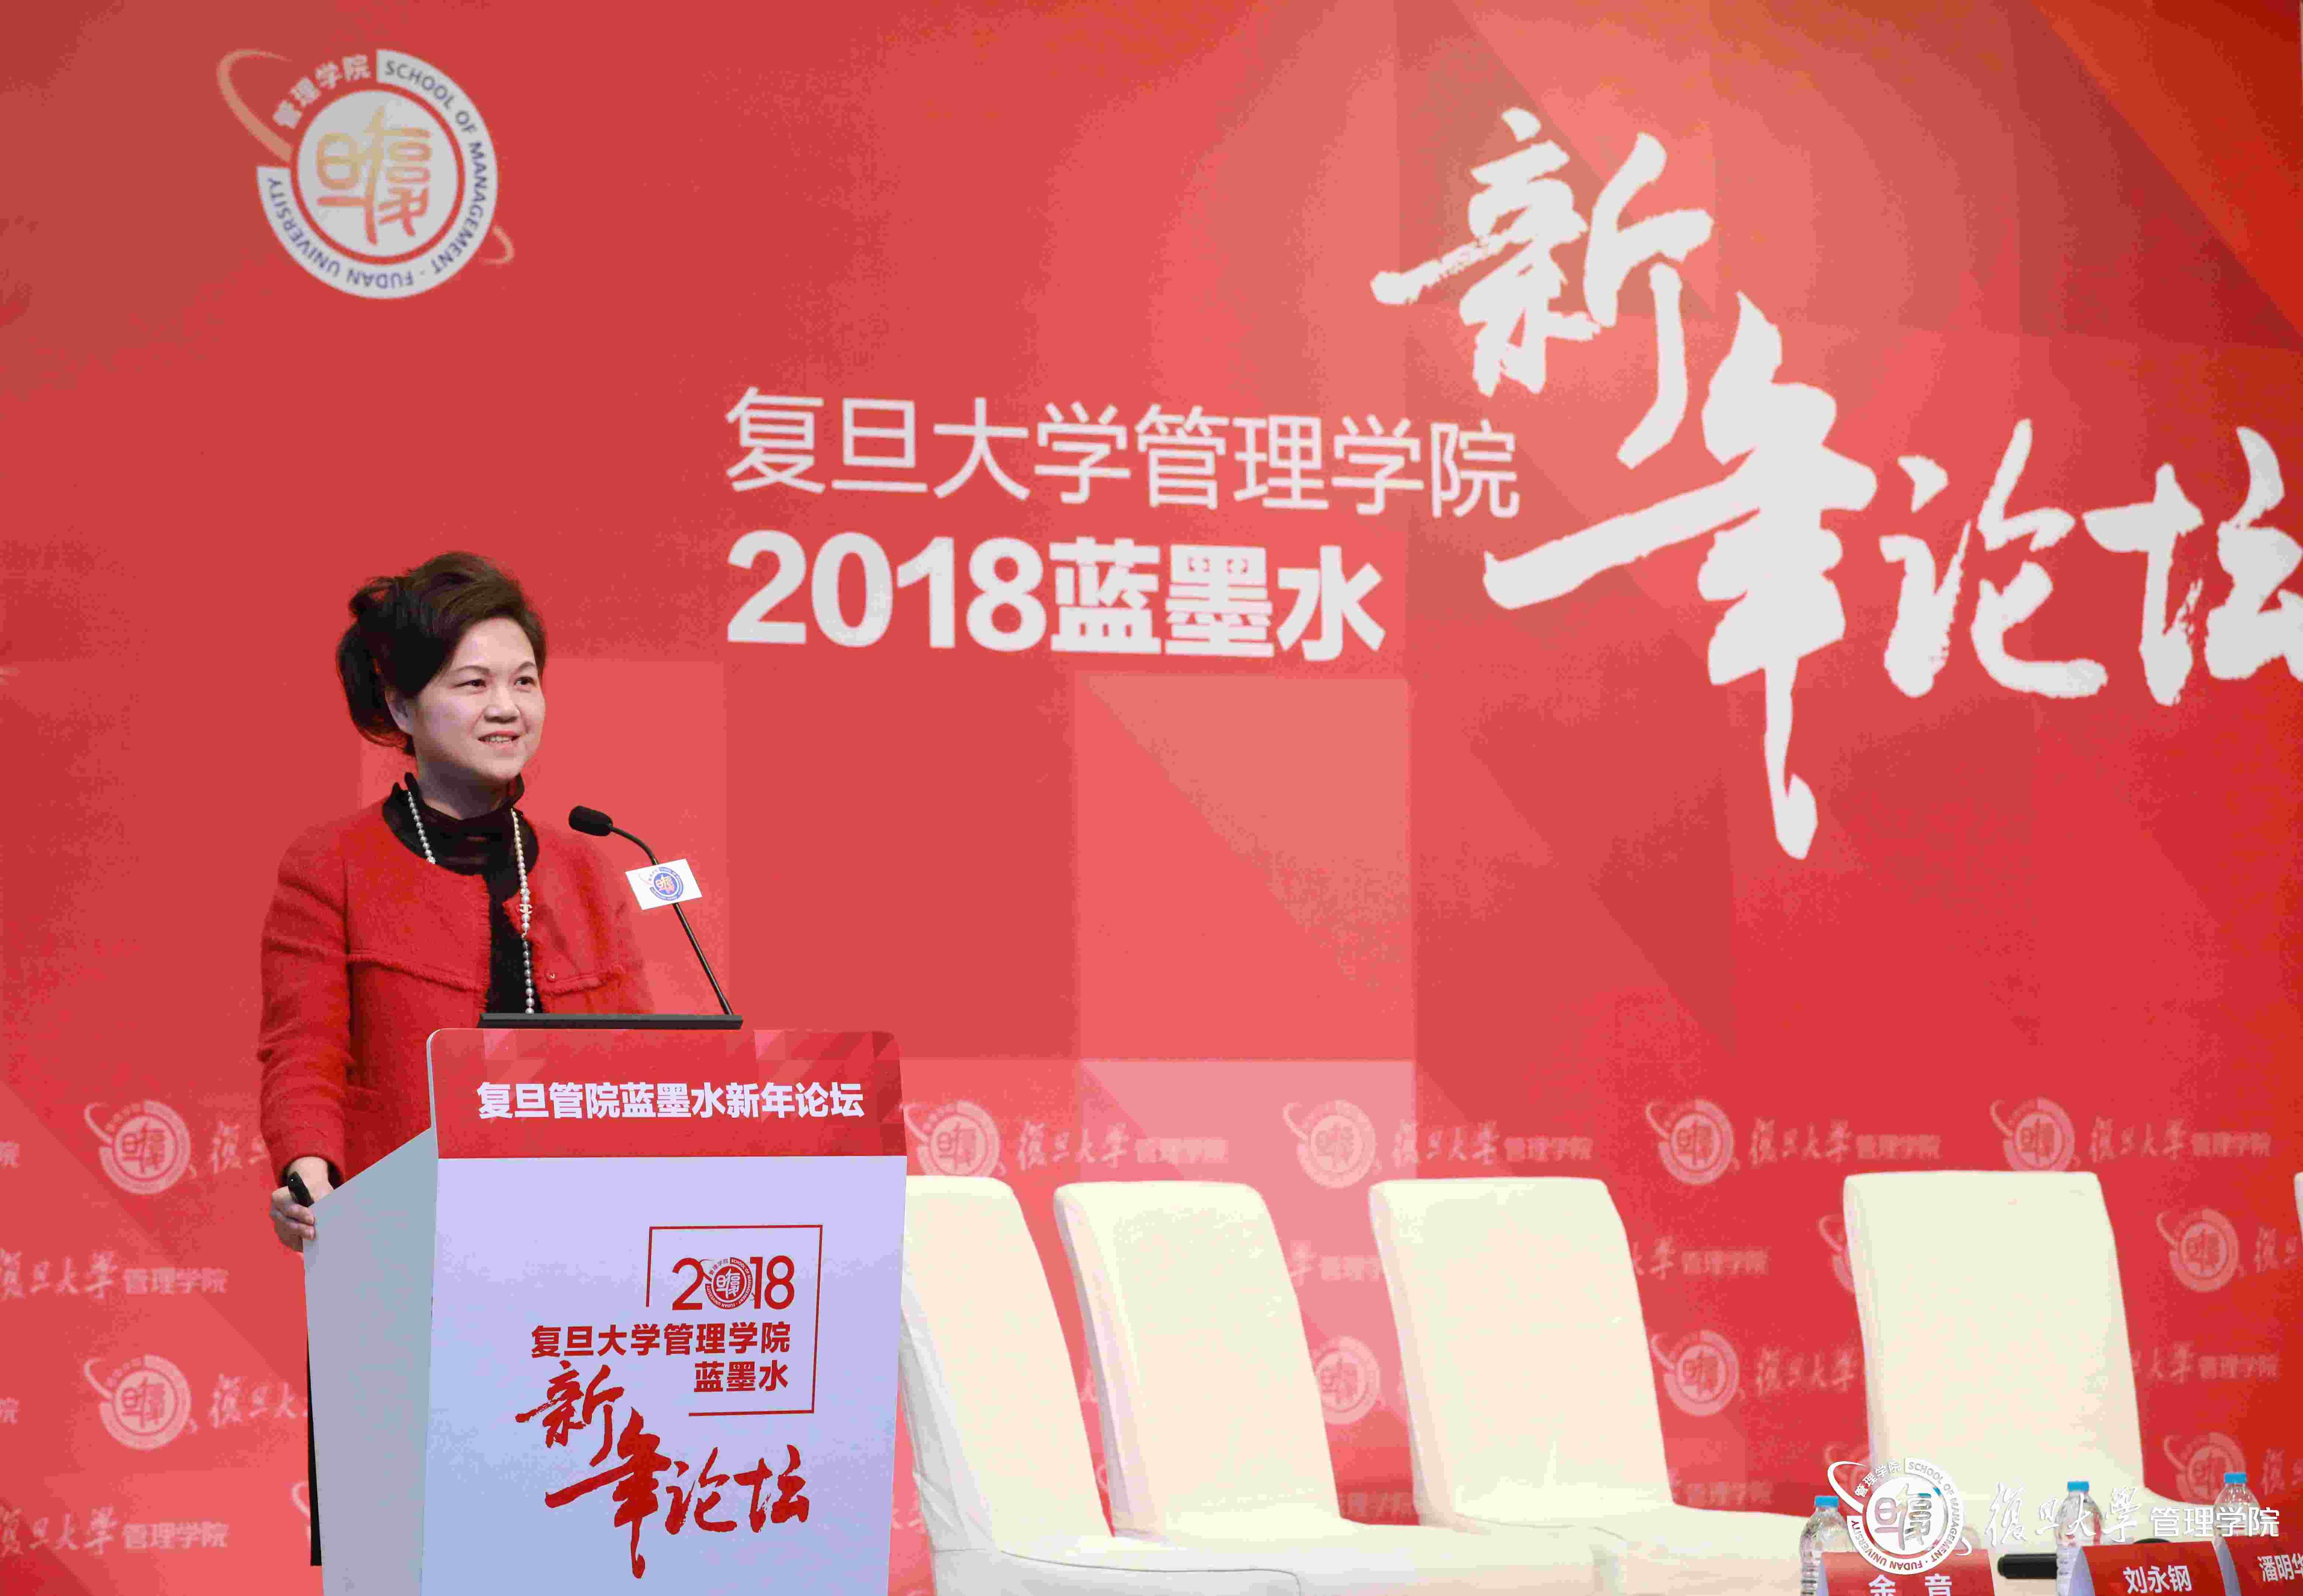 潘明华:百联集团股份有限公司党委副书记、副总经理